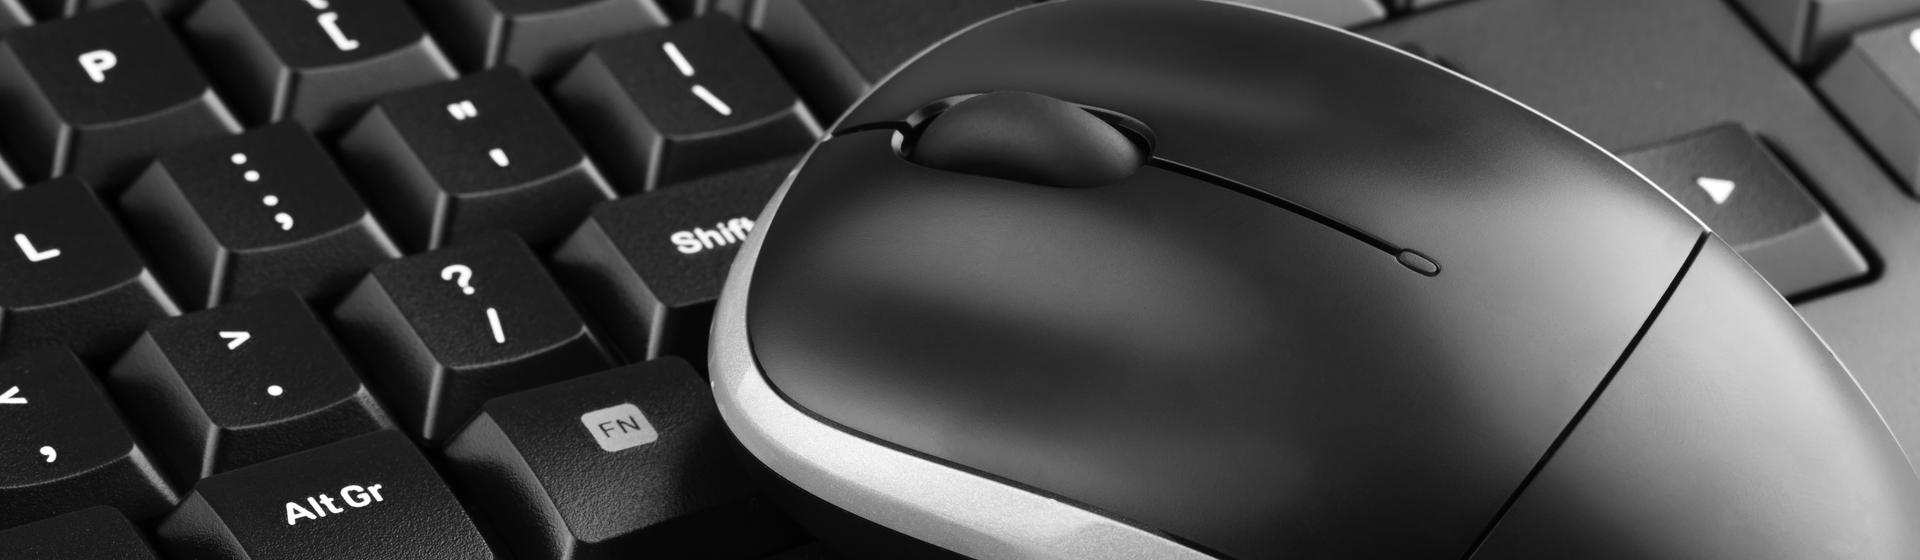 Melhor kit de teclado e mouse: 6 combos para comprar em 2020